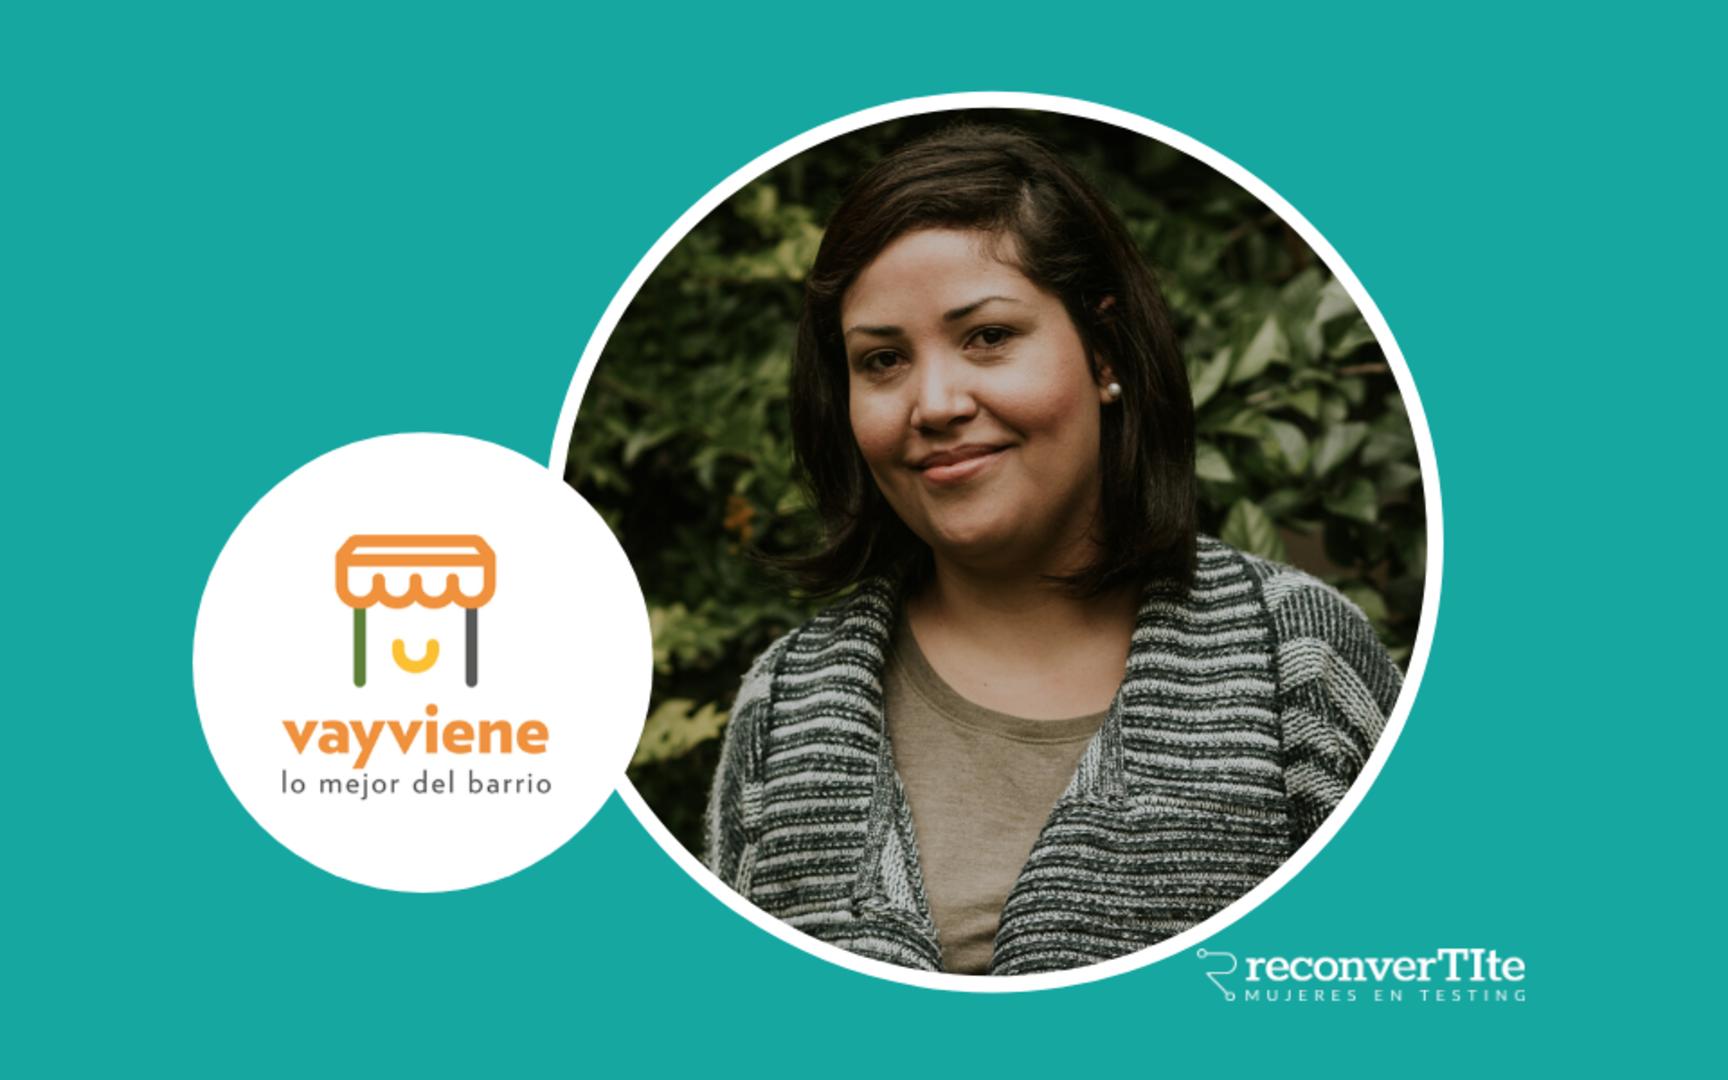 Vayviene eligió a ReconverTIte para realizar las pruebas en su aplicación y María tuvo su primera experiencia laboral en testing.